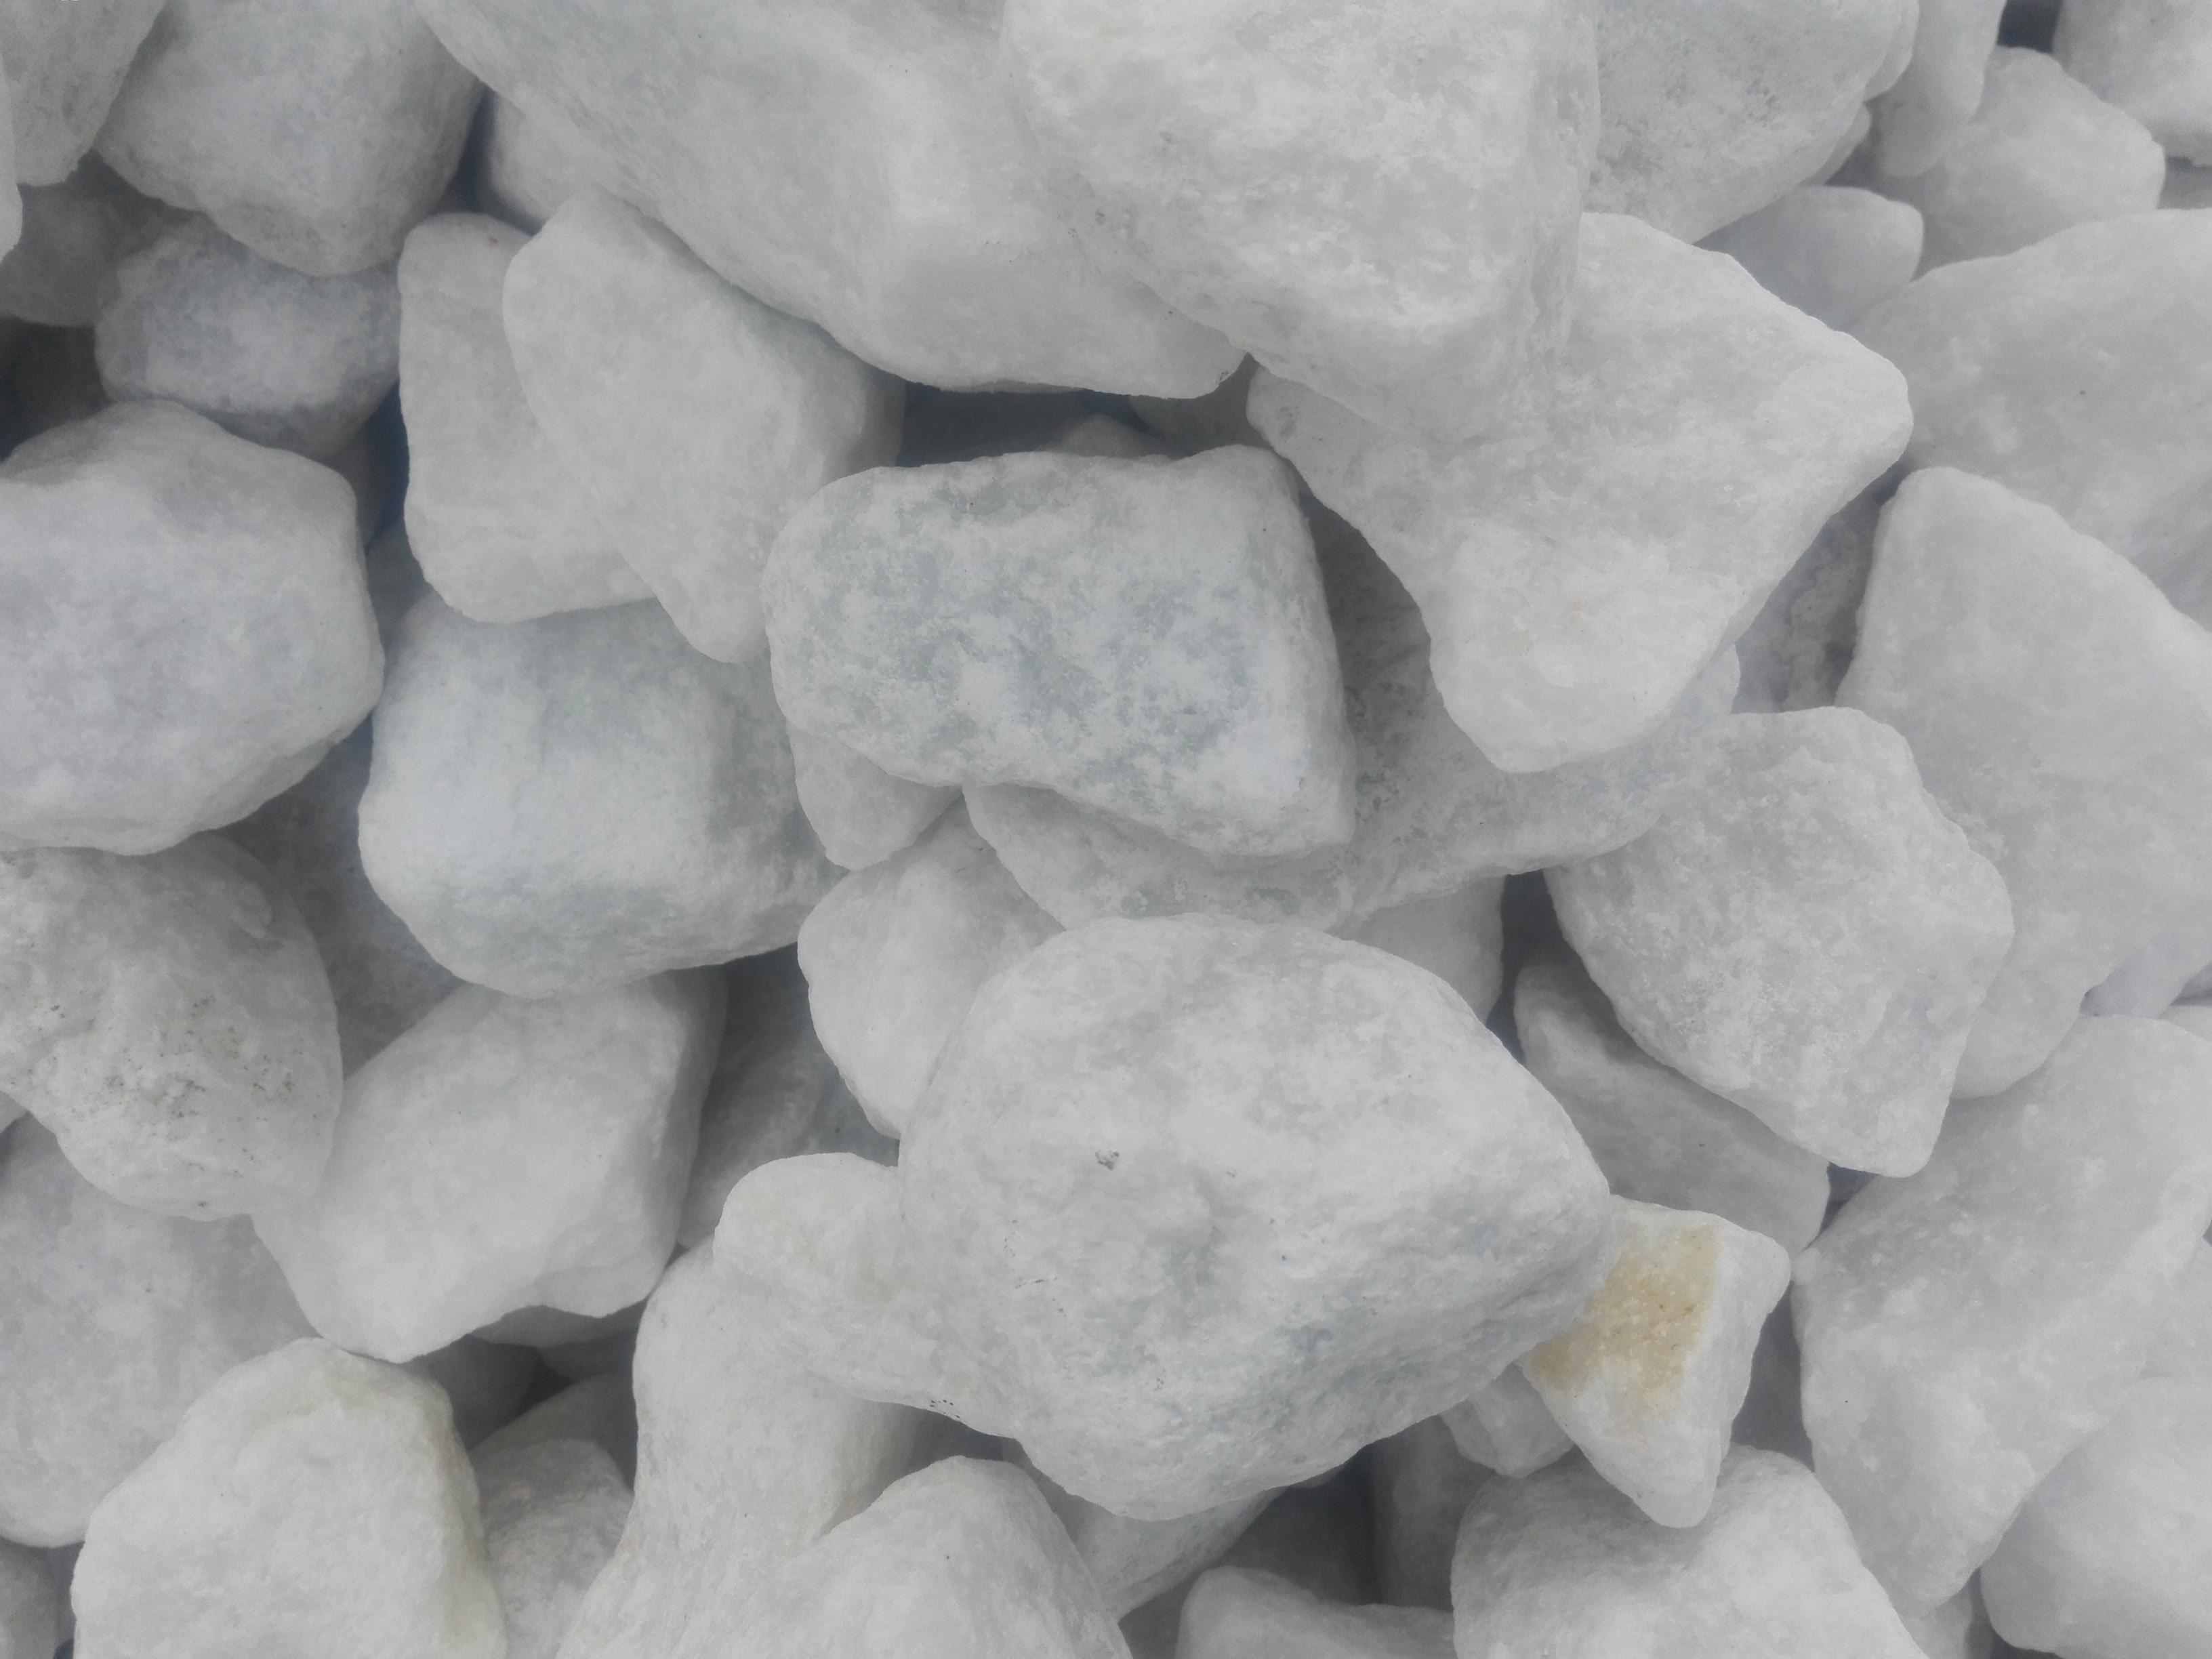 Nano Calcium Carbonate Market